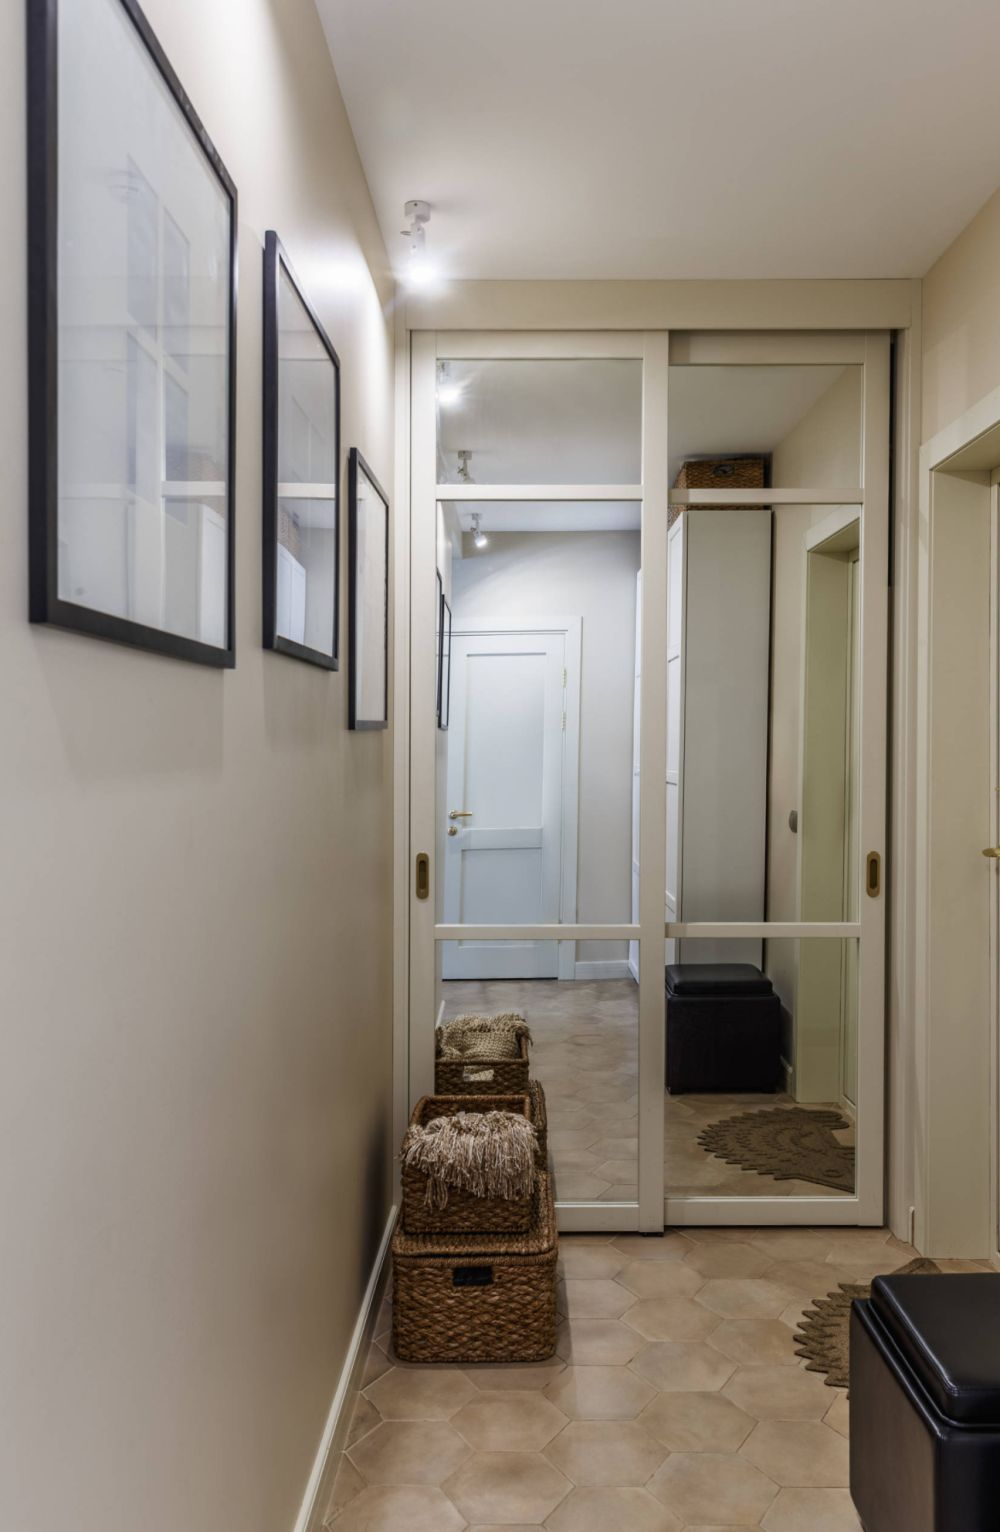 În spatele ușii de la intrarea în locuință este un alt dulap, de această dată placat cu oglinzi și cu rol de cuier și pantofar.